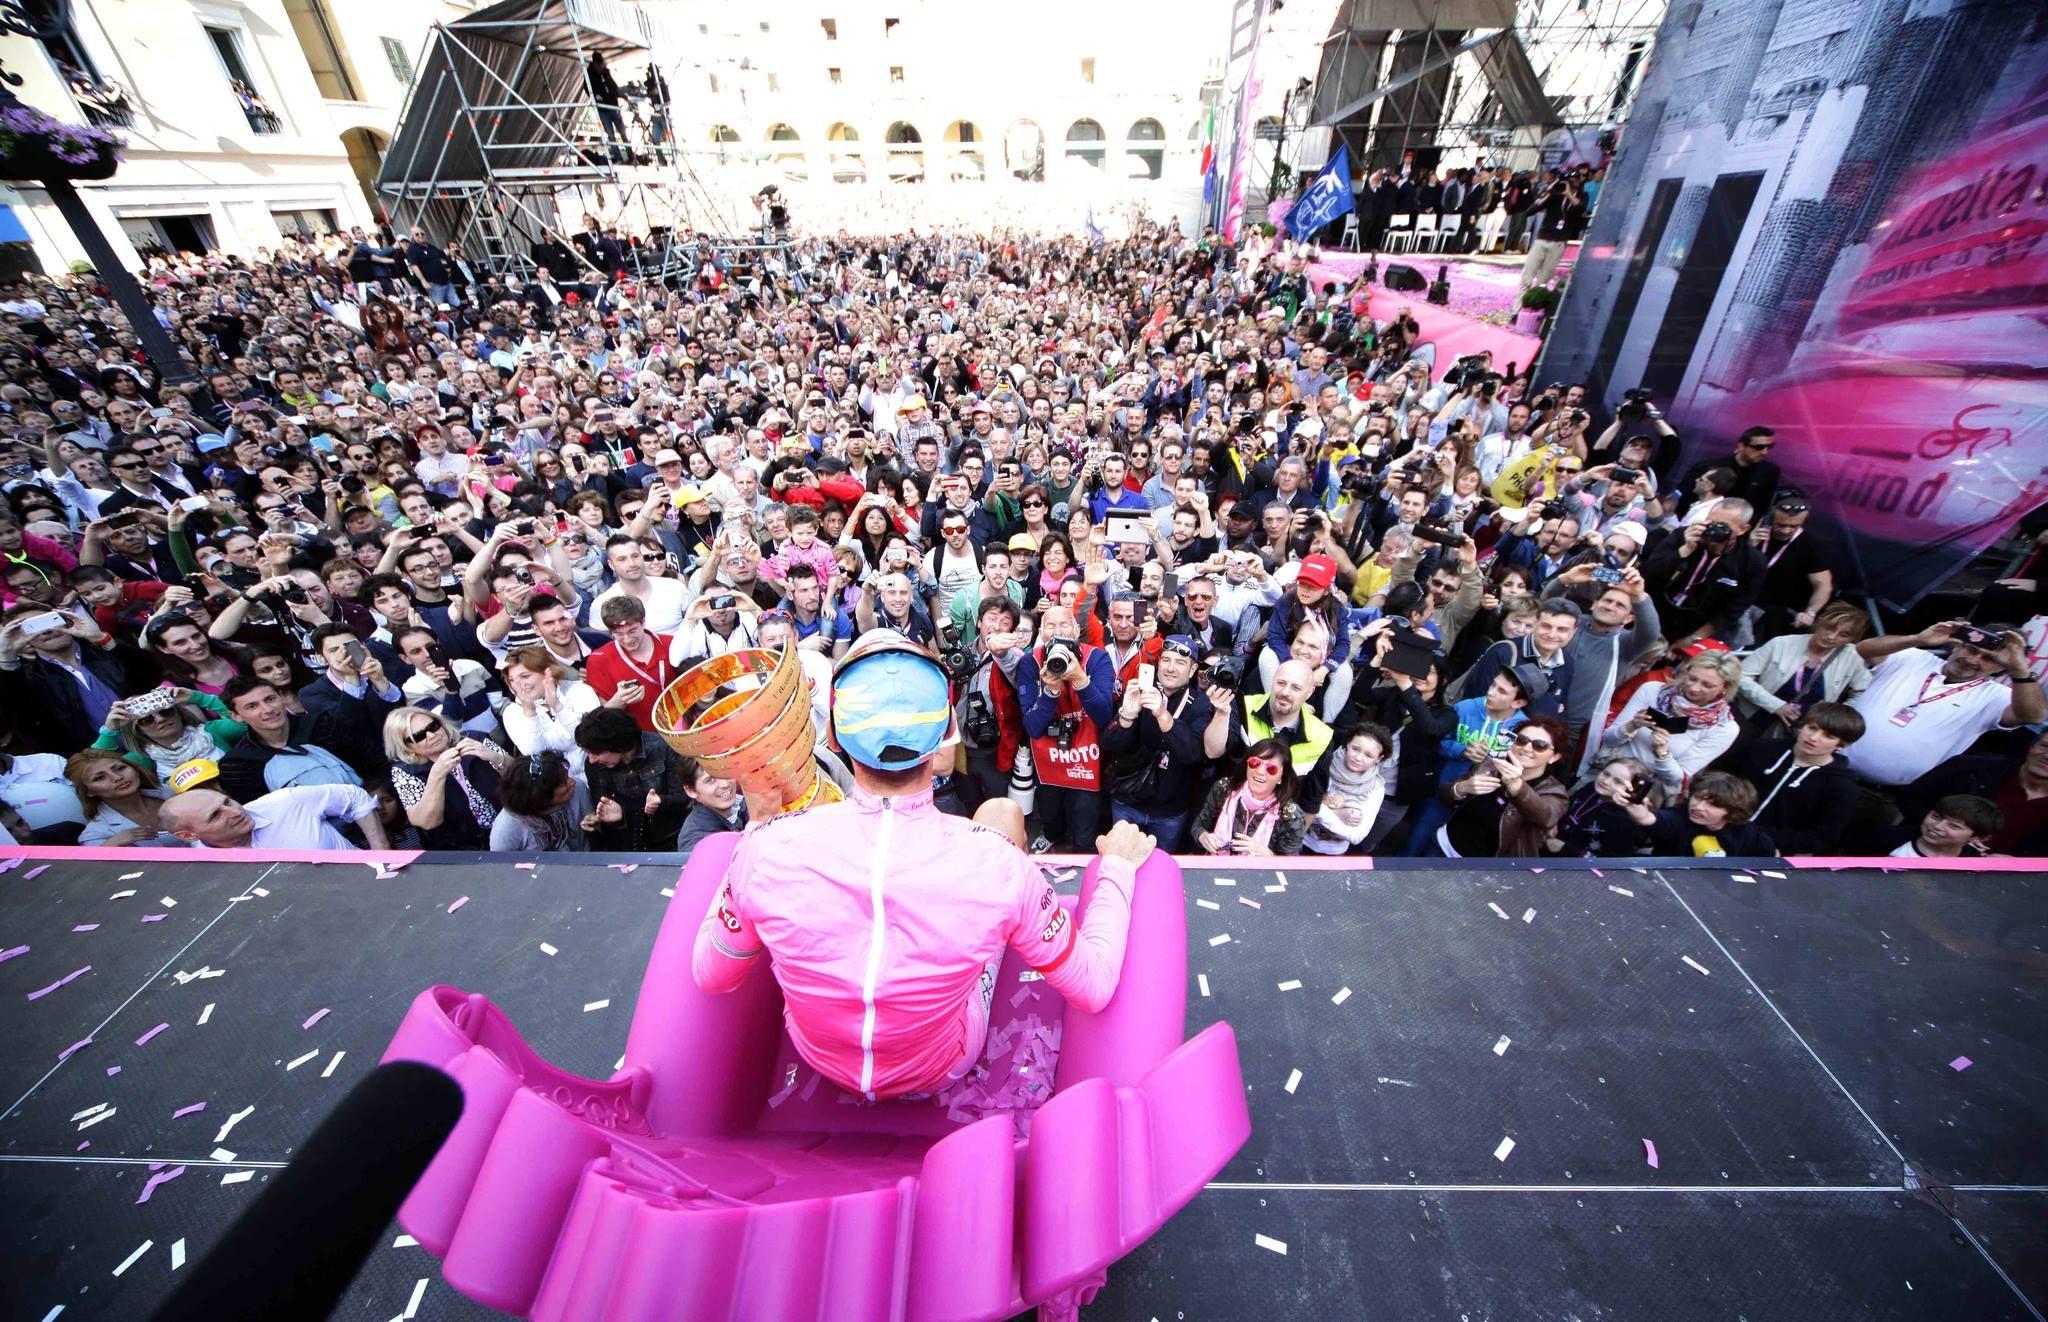 A királyt ünneplő tifosik tömege